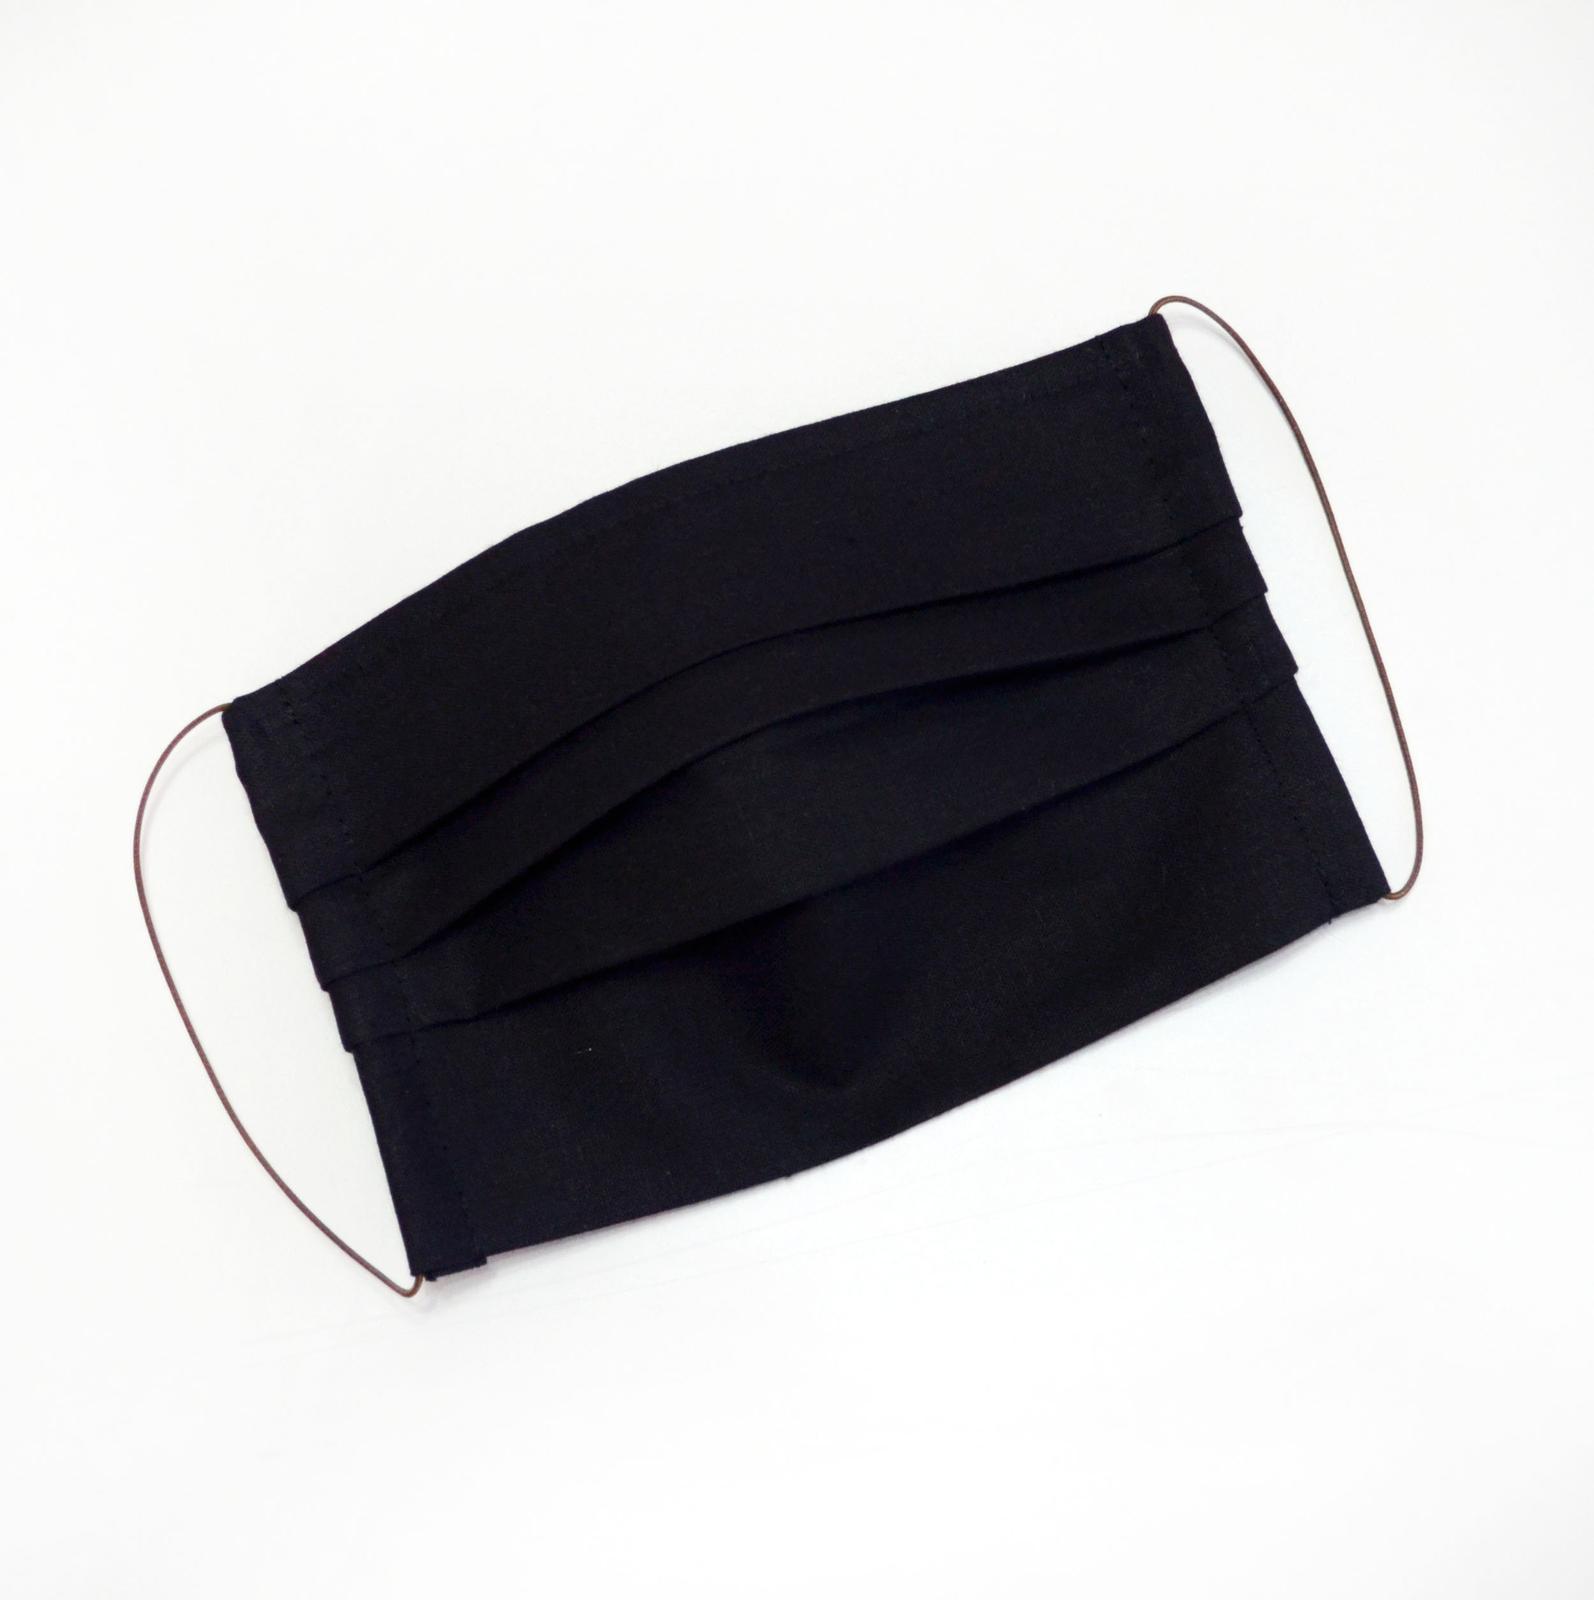 Dvojvrstvové bavlnené rúško na tvár - čierne - Obrázok č. 1